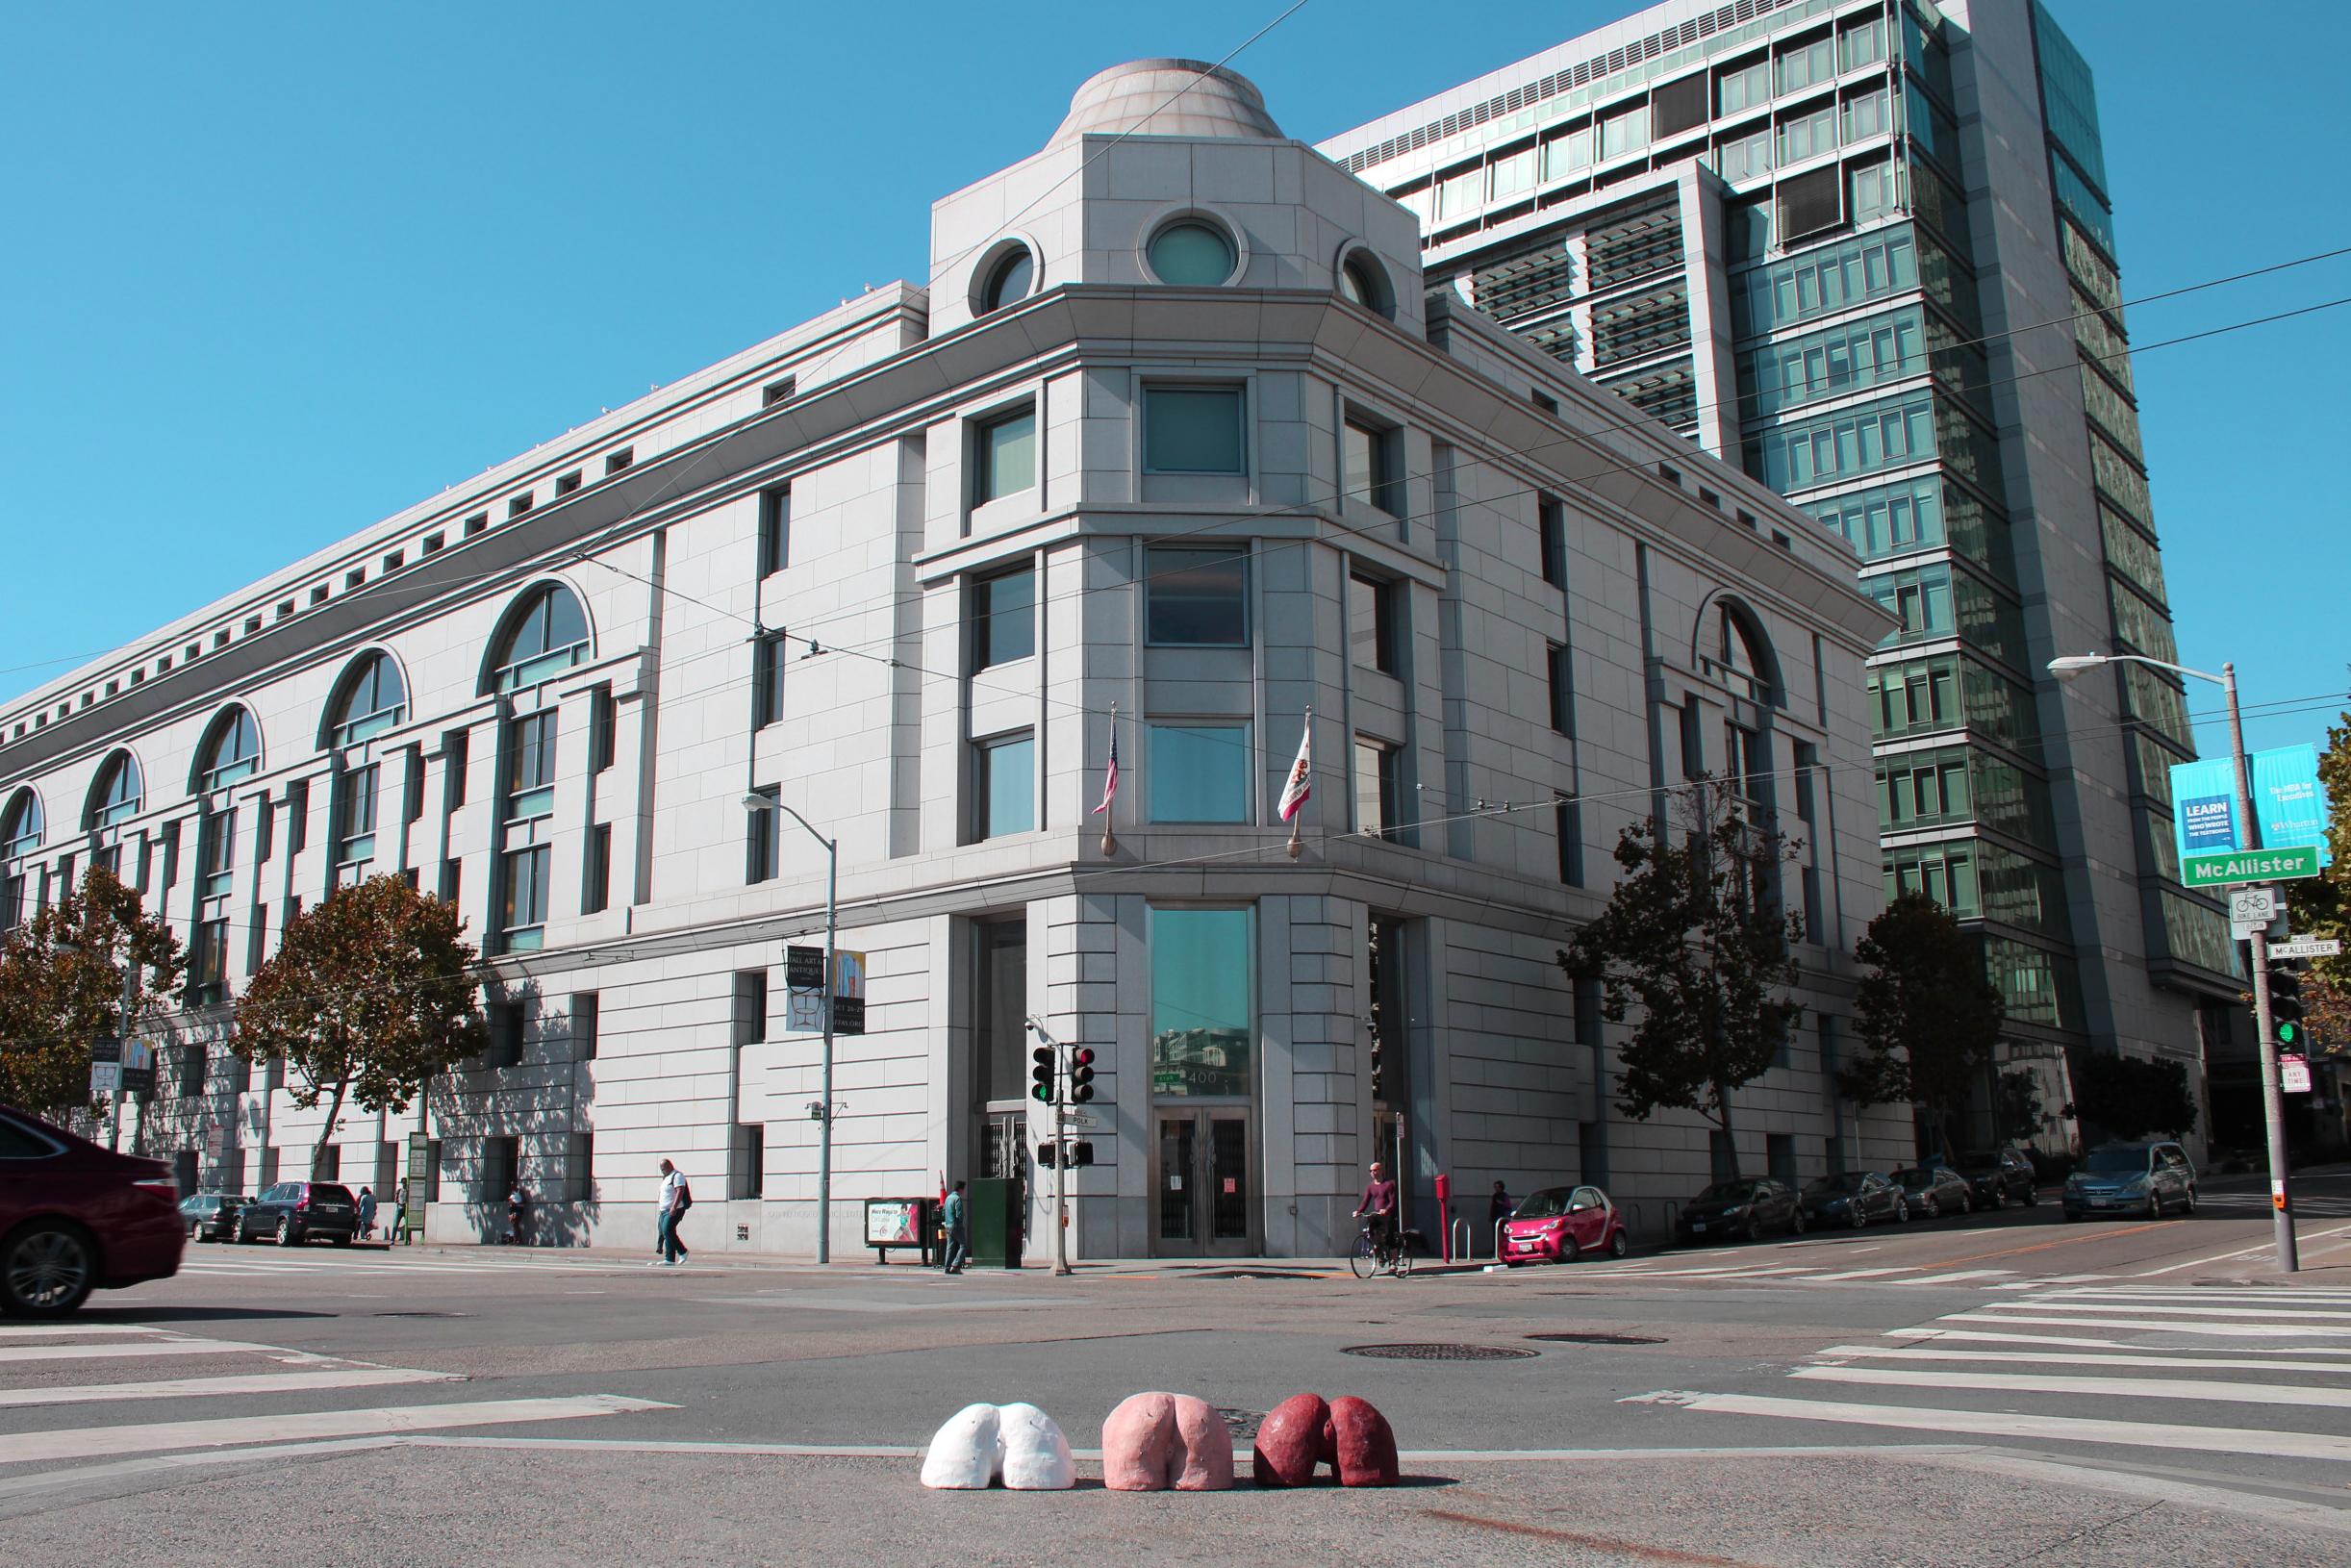 Courthouse__wax_that_ass_Allison_Bouganim_sculpture_artist1.jpg